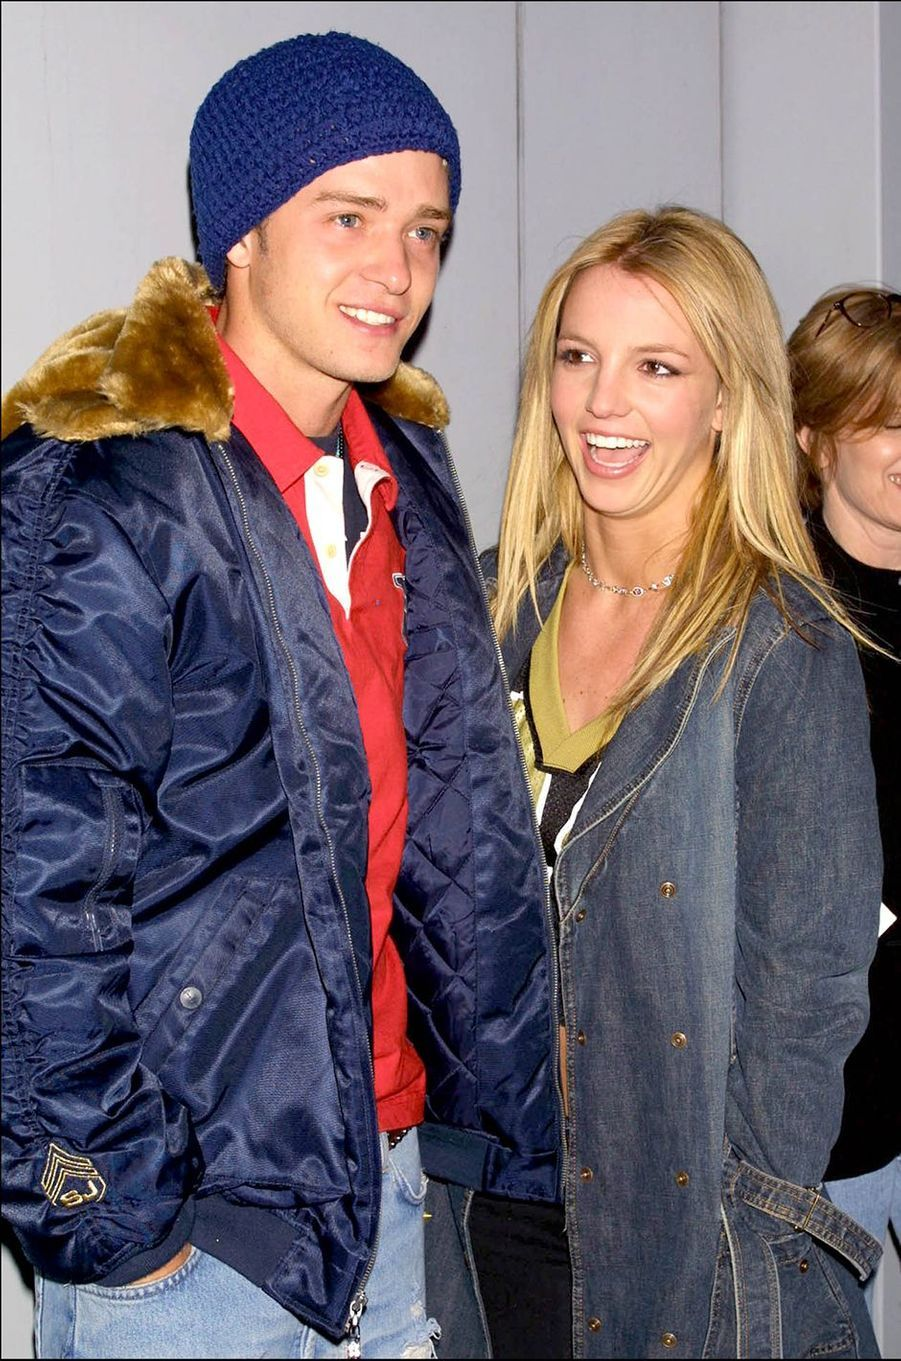 Britney Spears et Justin Timberlake lors d'une collecte de fonds organisée en marge du Superbowl à New York en février 2002